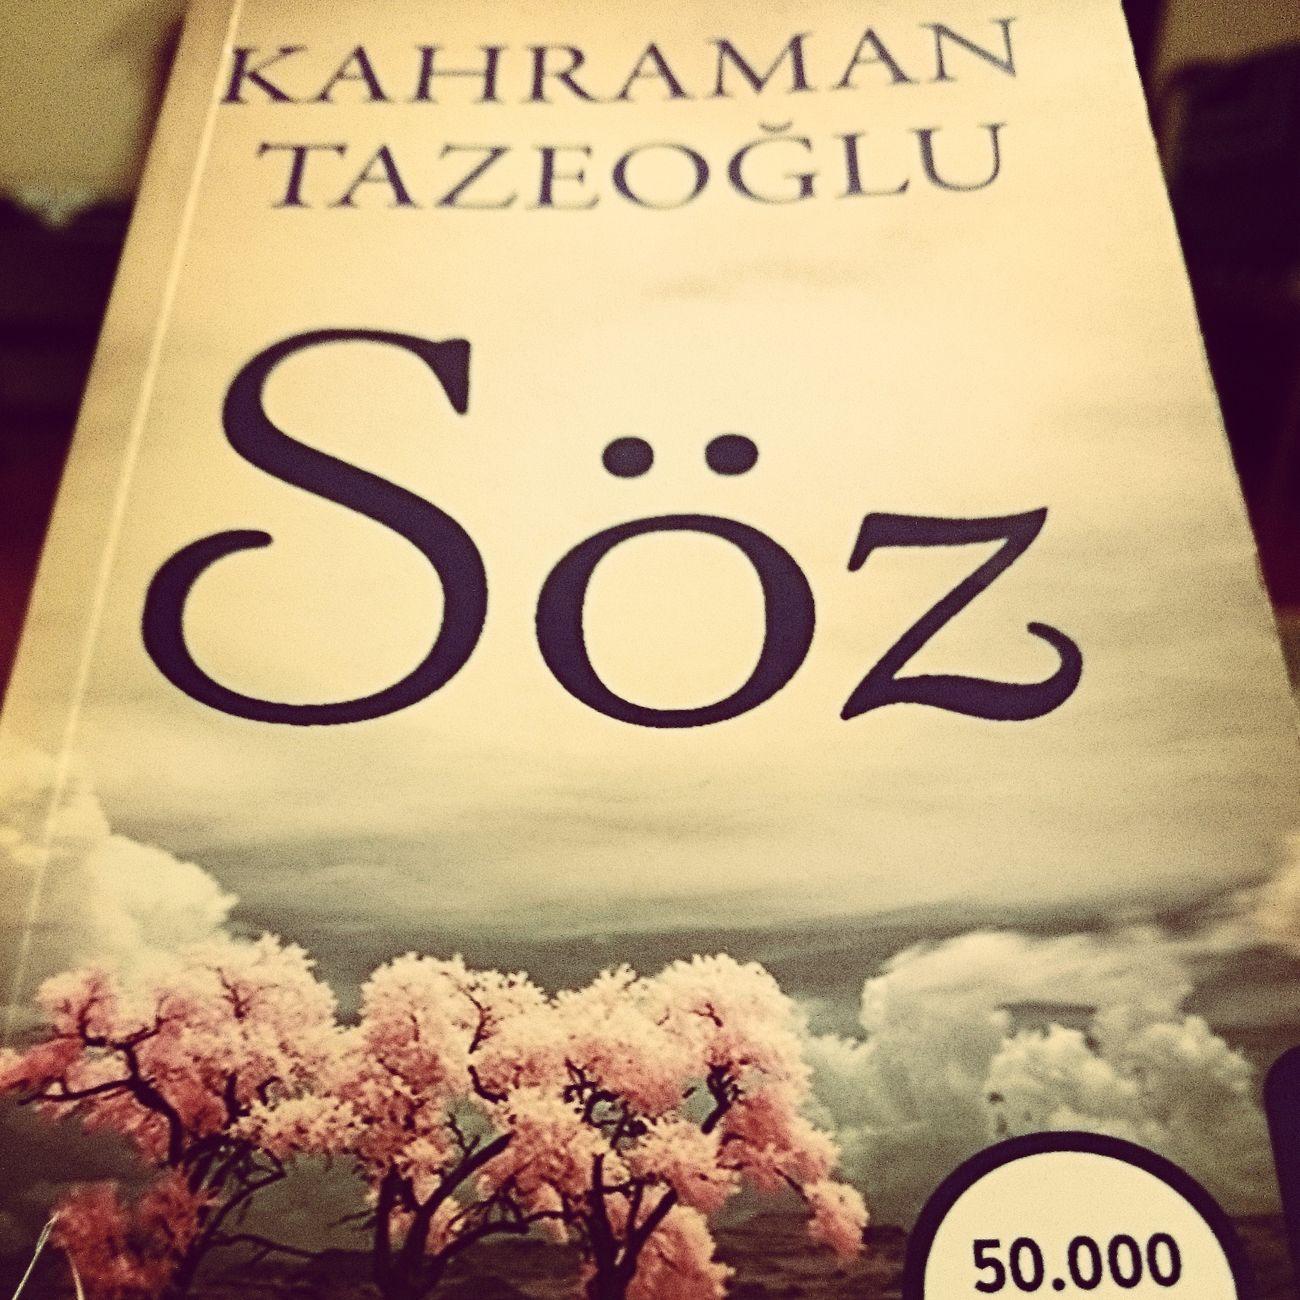 Kahraman Tazeoglu Soz